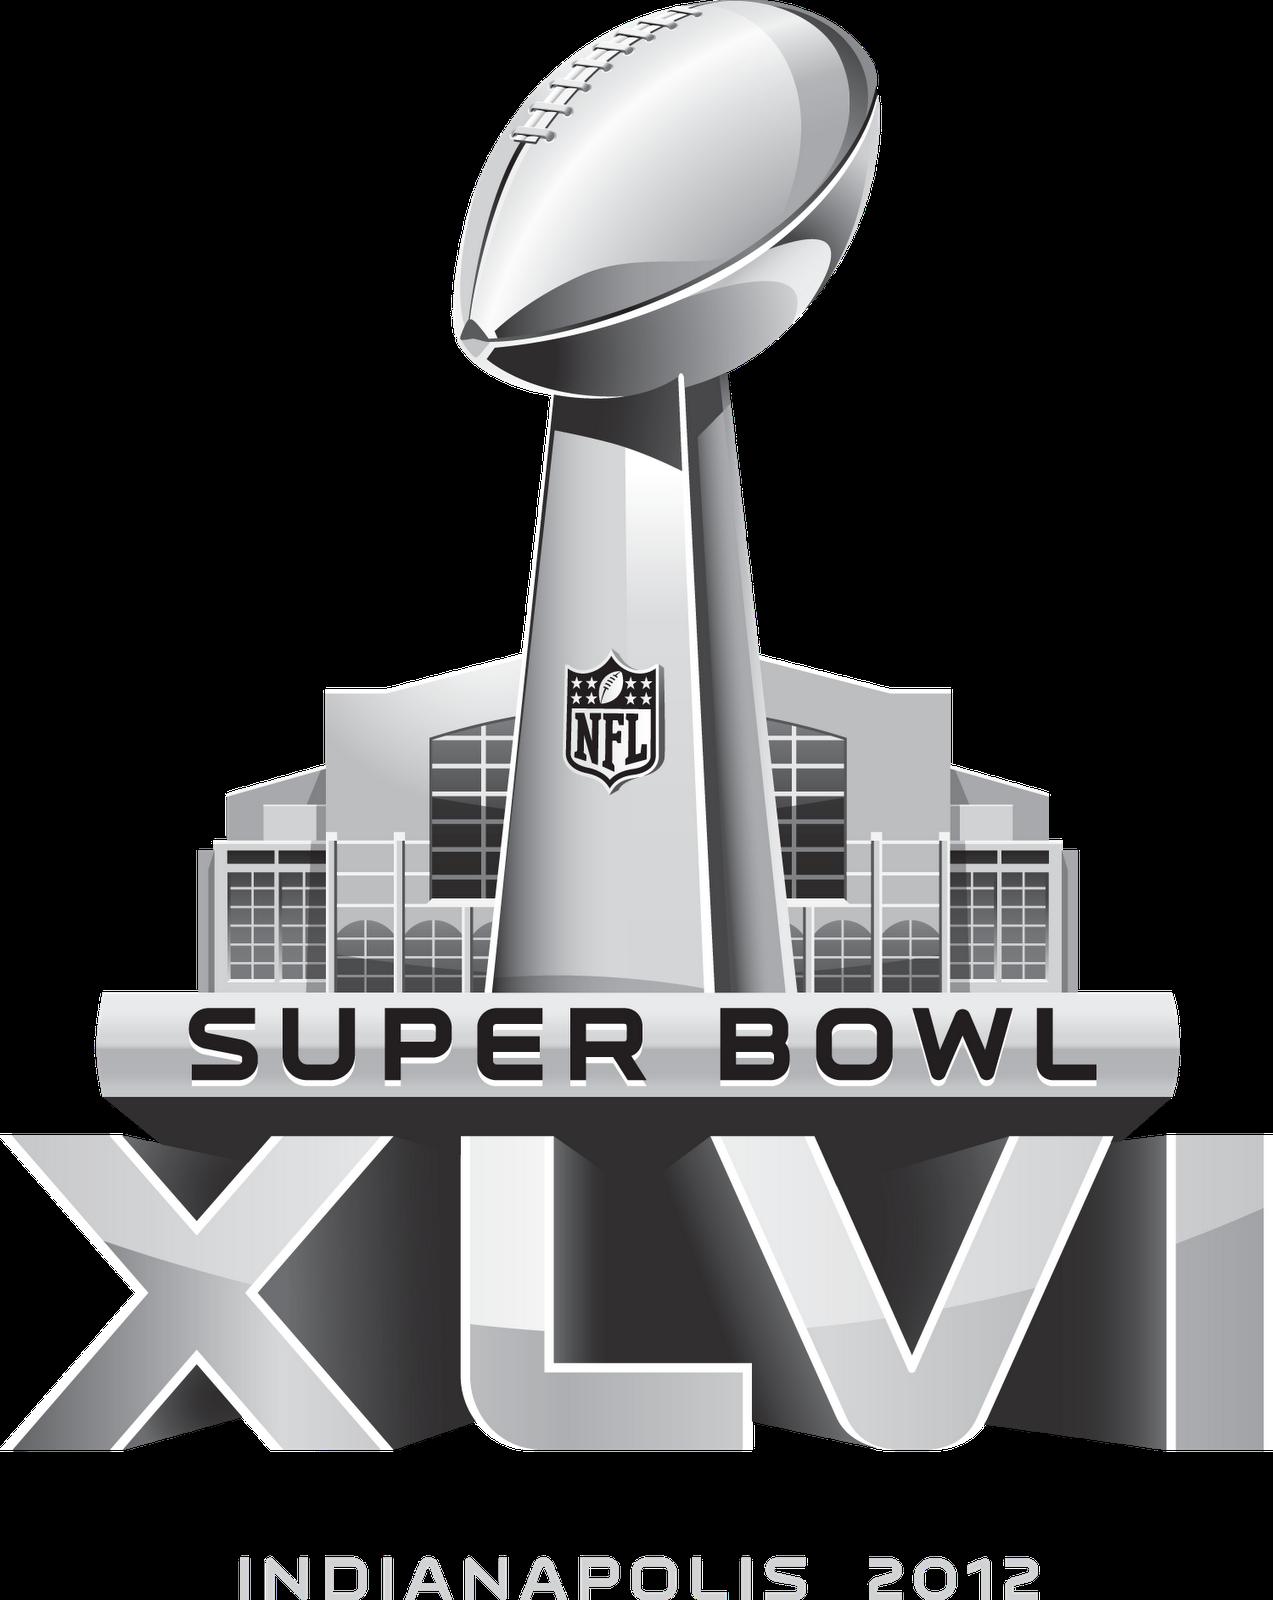 . Hdpng.com Impact Hosting The Super Bowl Hdpng.com  - Super Bowl, Transparent background PNG HD thumbnail